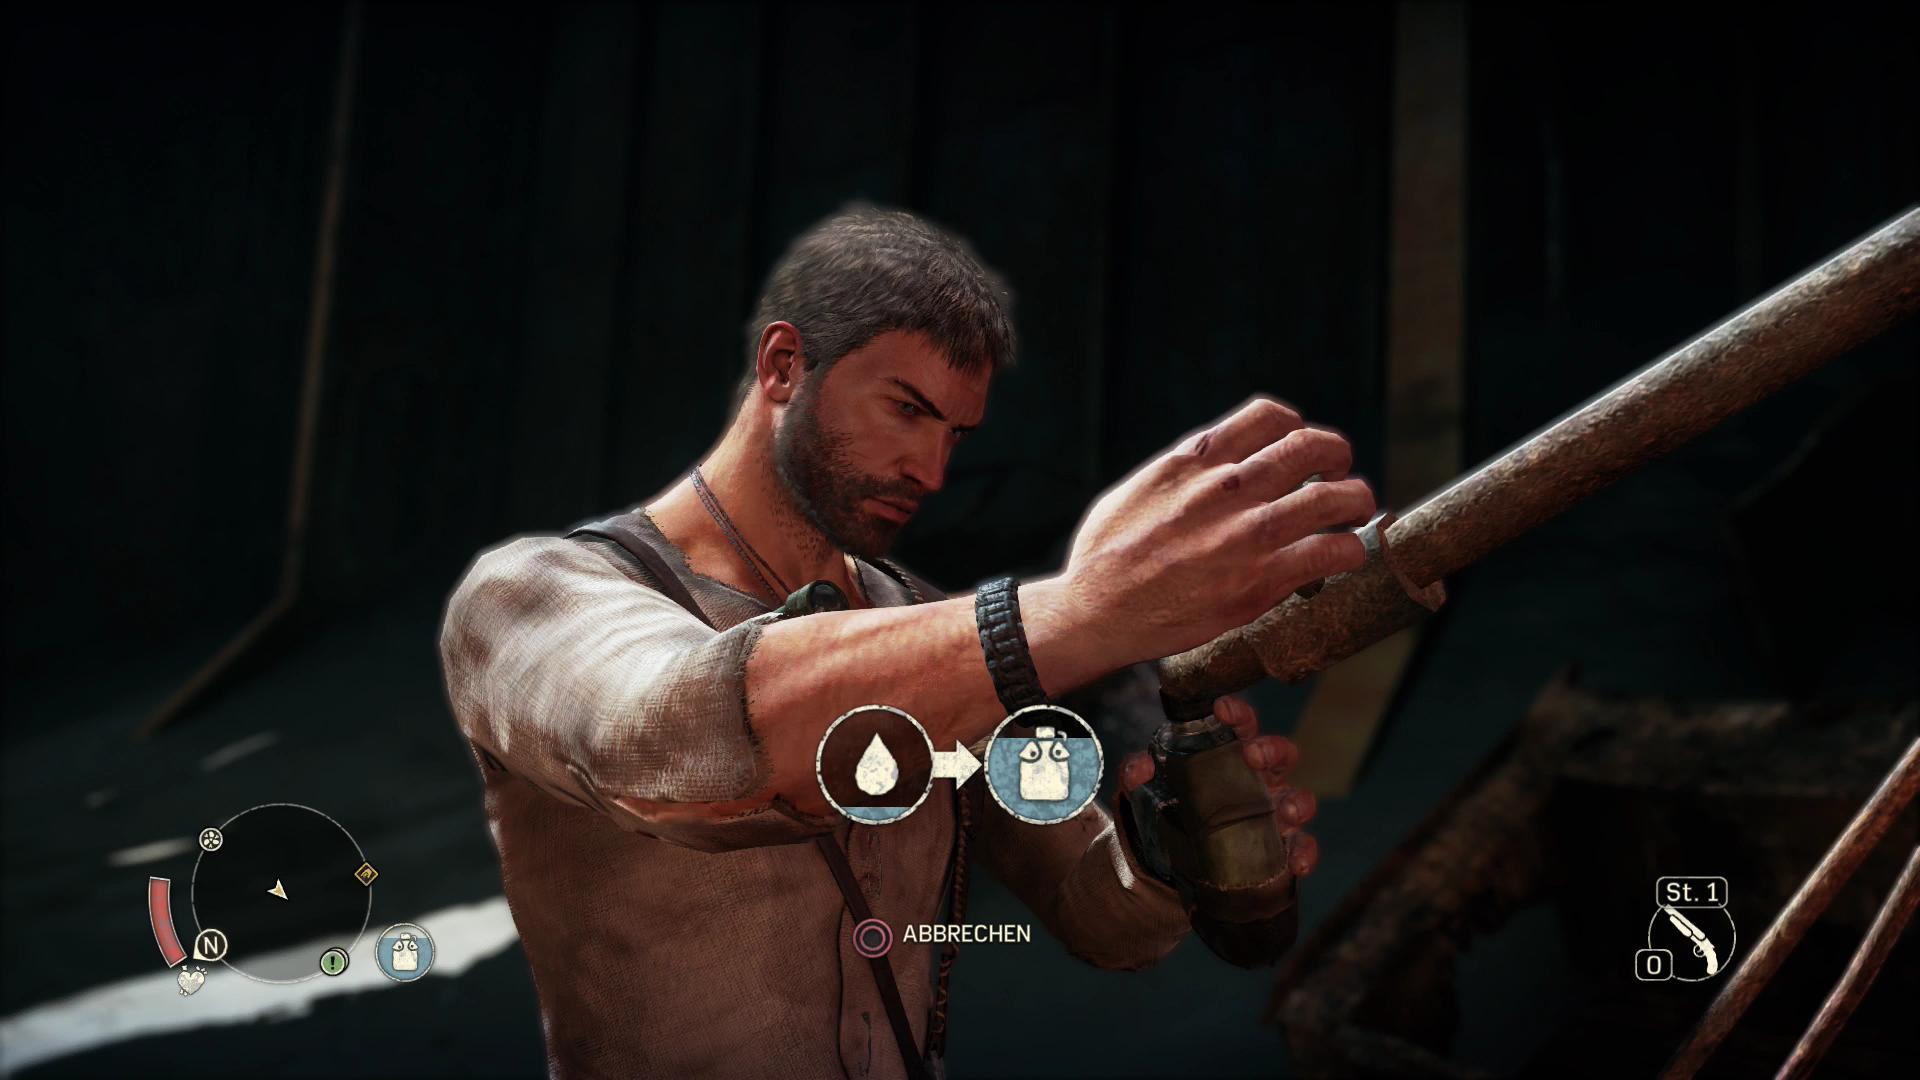 Mad Max im Test: Sandbox voll mit schönem Schrott - Statt mit Medipacks frischt Max seine Gesundheit mit Wasser auf. (Screenshot: Golem.de)